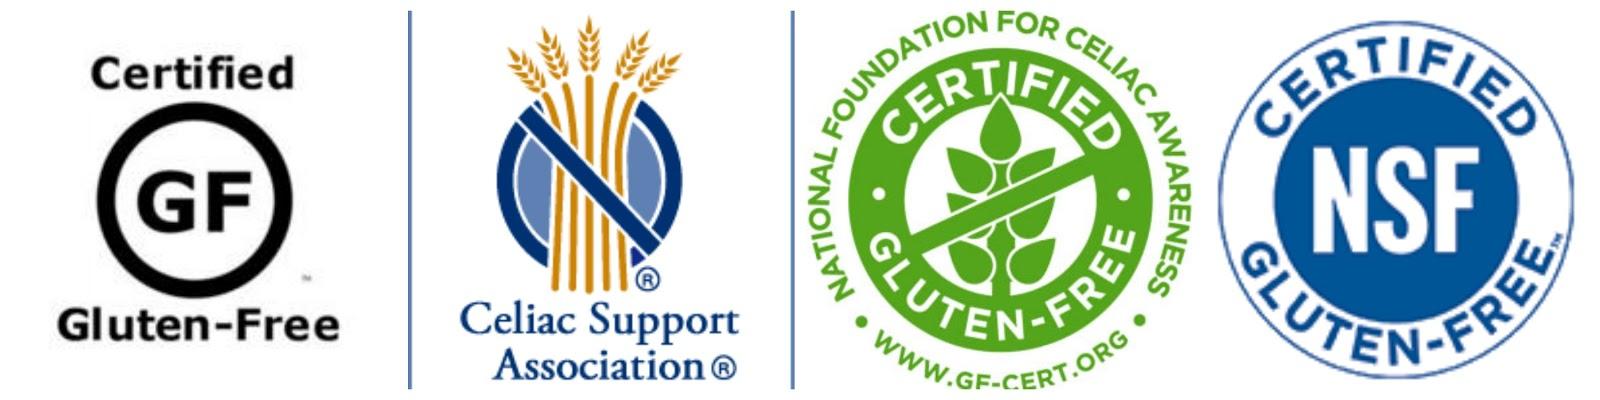 gluten free certifications